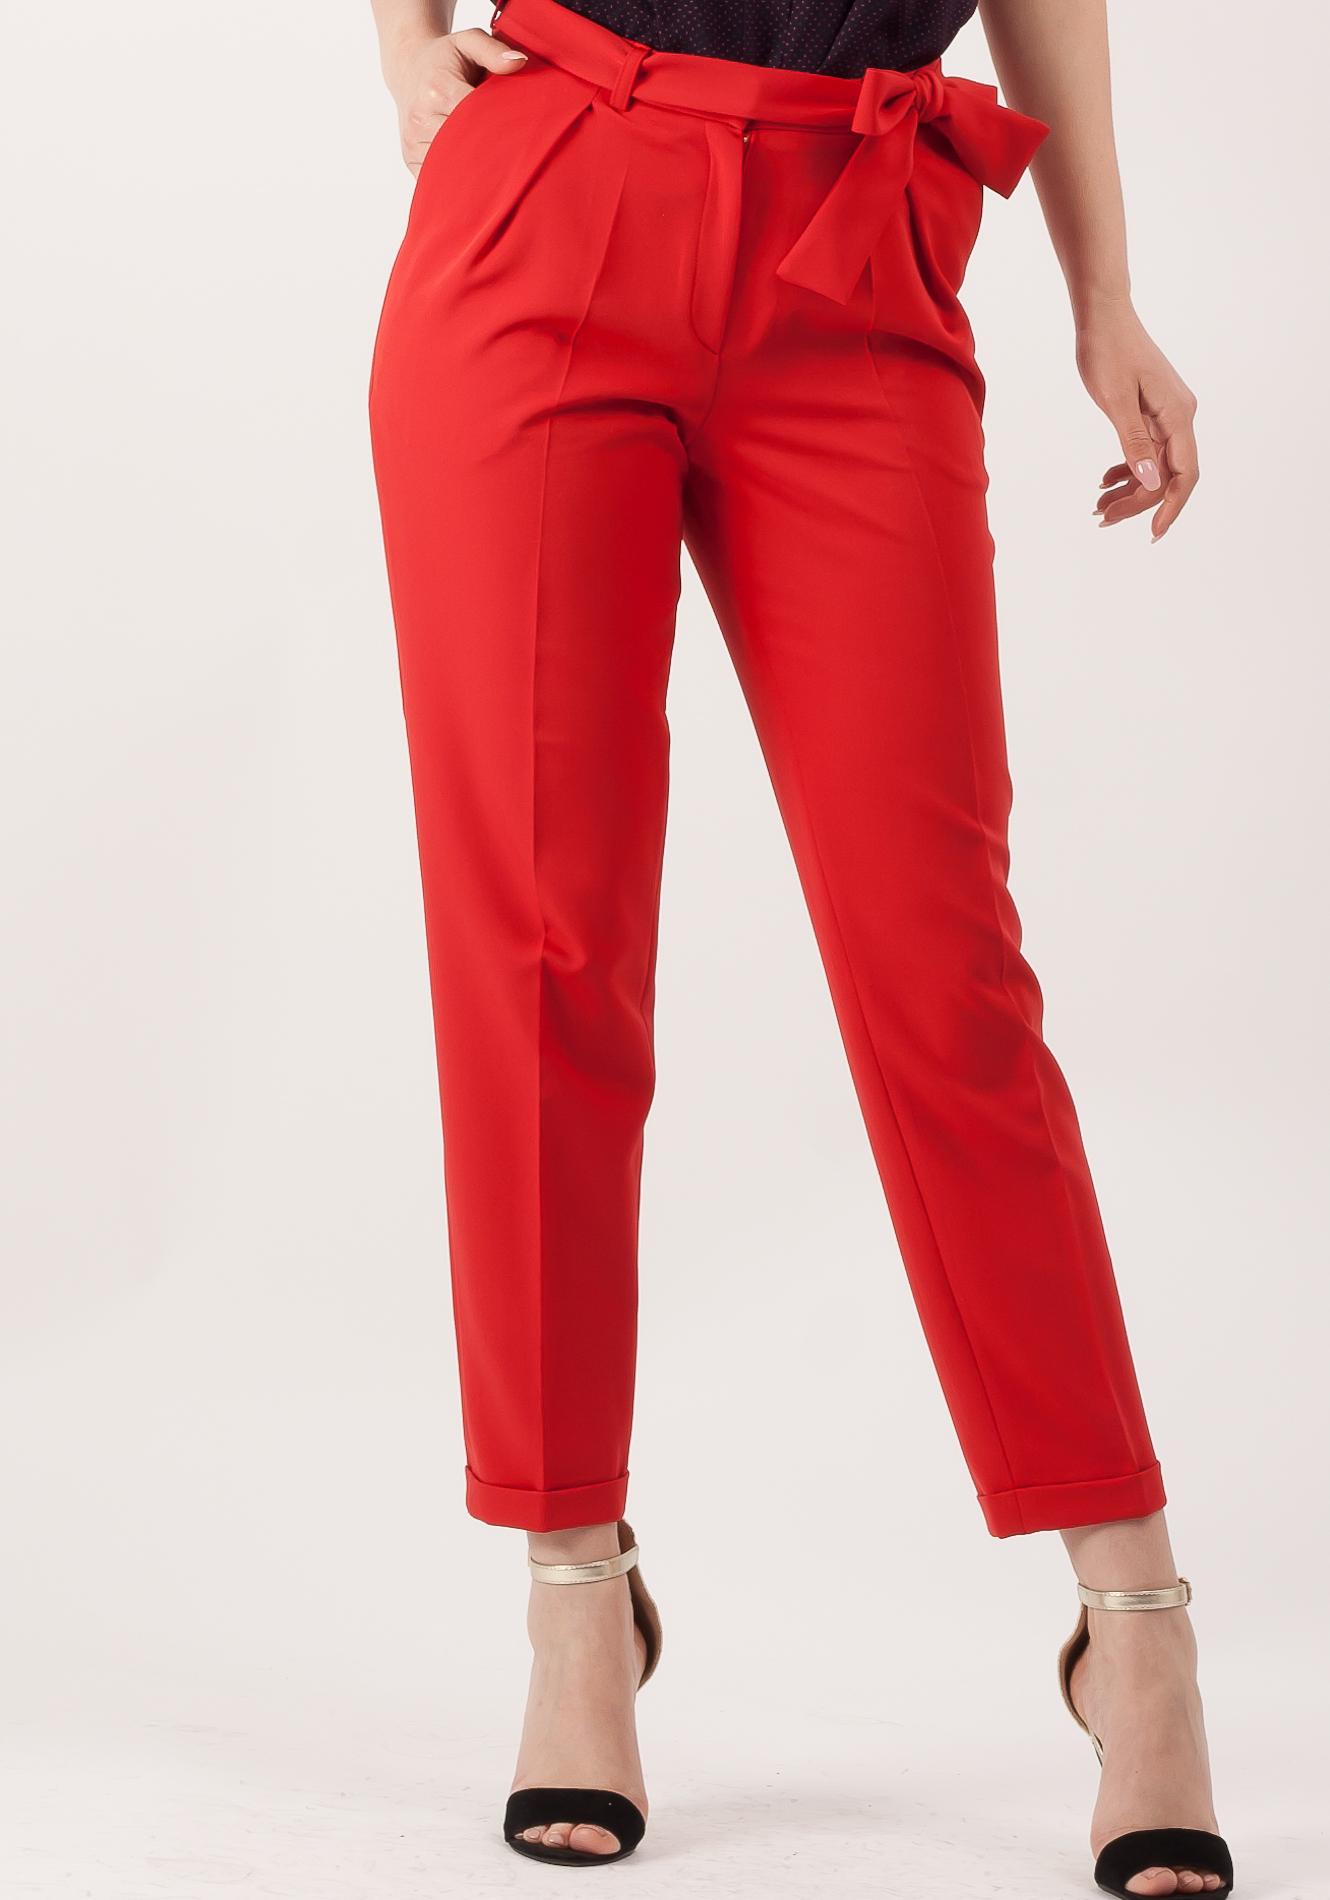 Pantalon cu manseta rosu